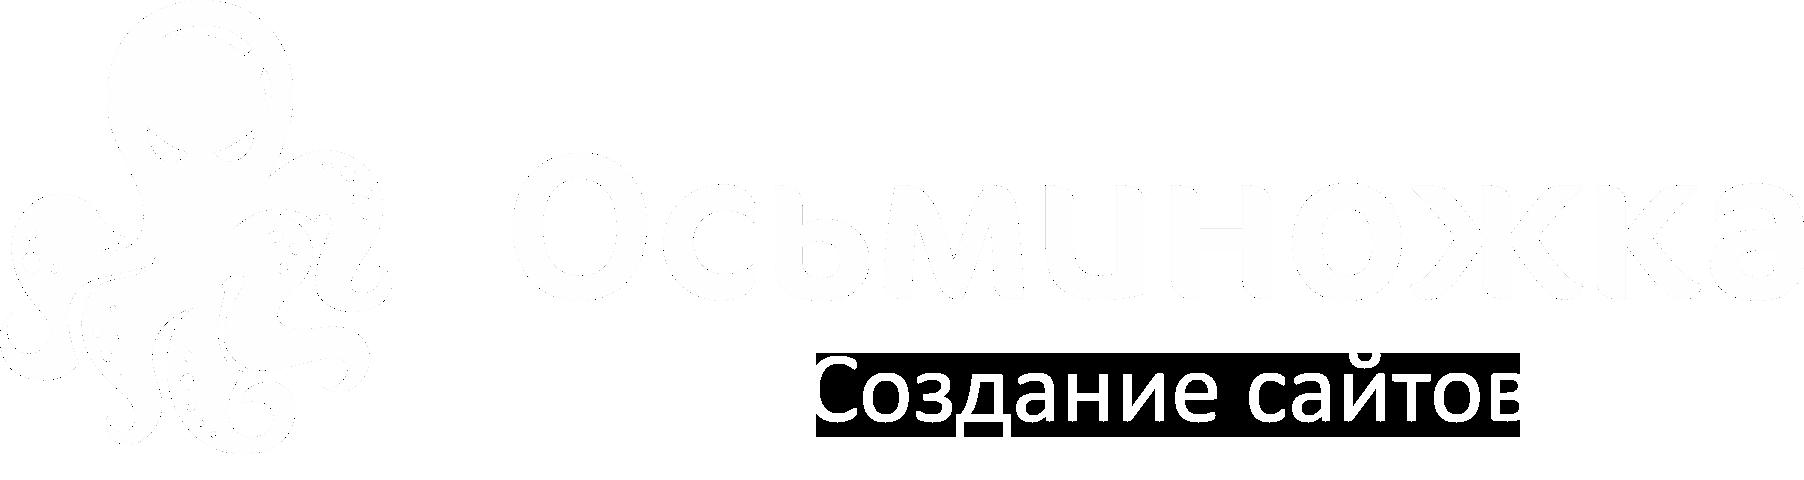 https://myosminozhka.ru